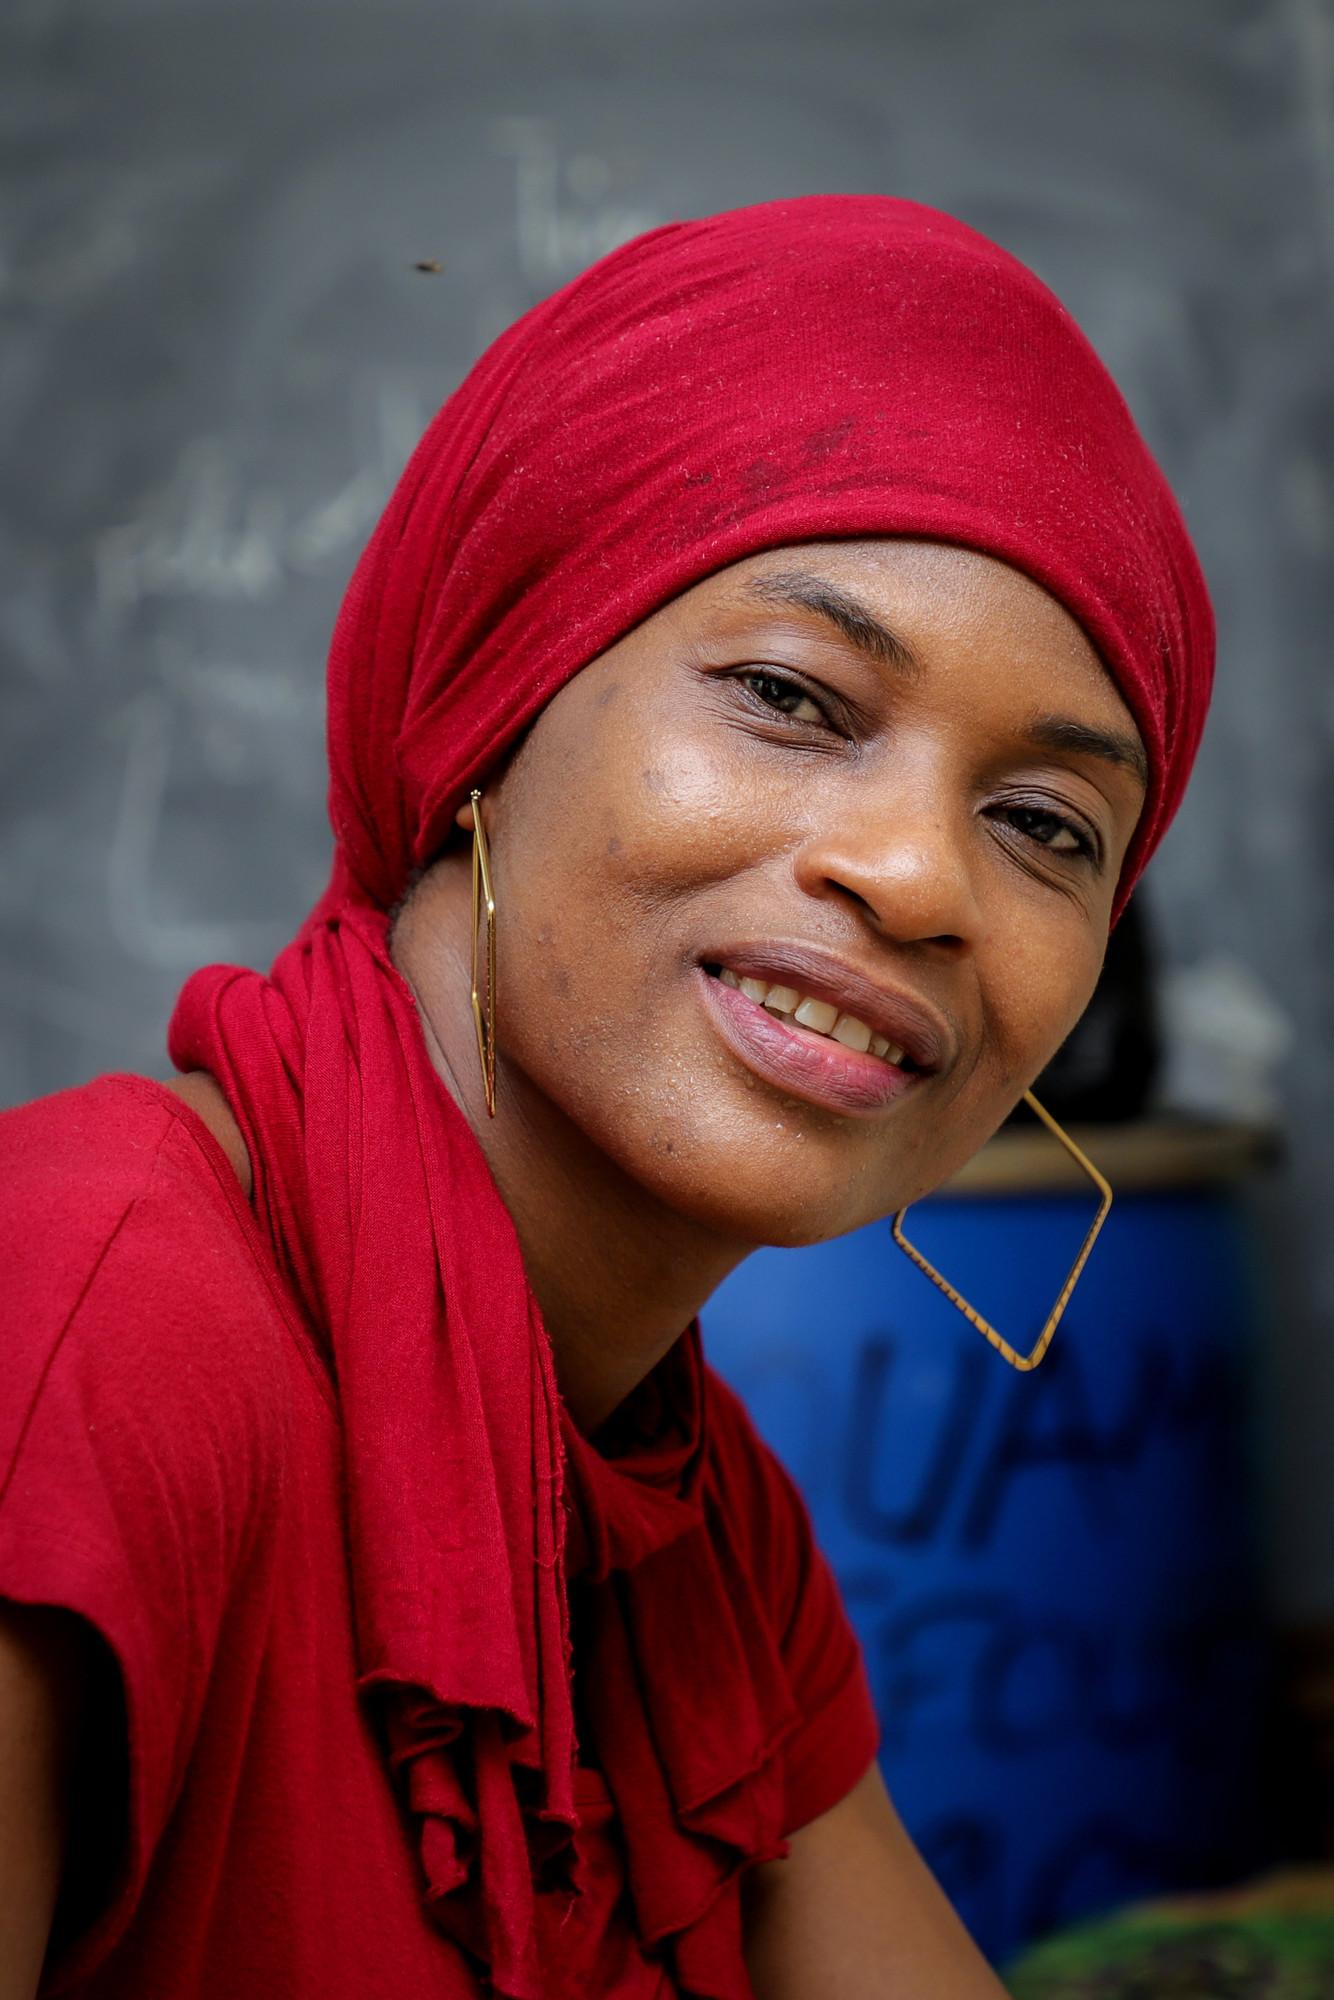 Una mujer con un abrigo rojo se sienta y sonríe.